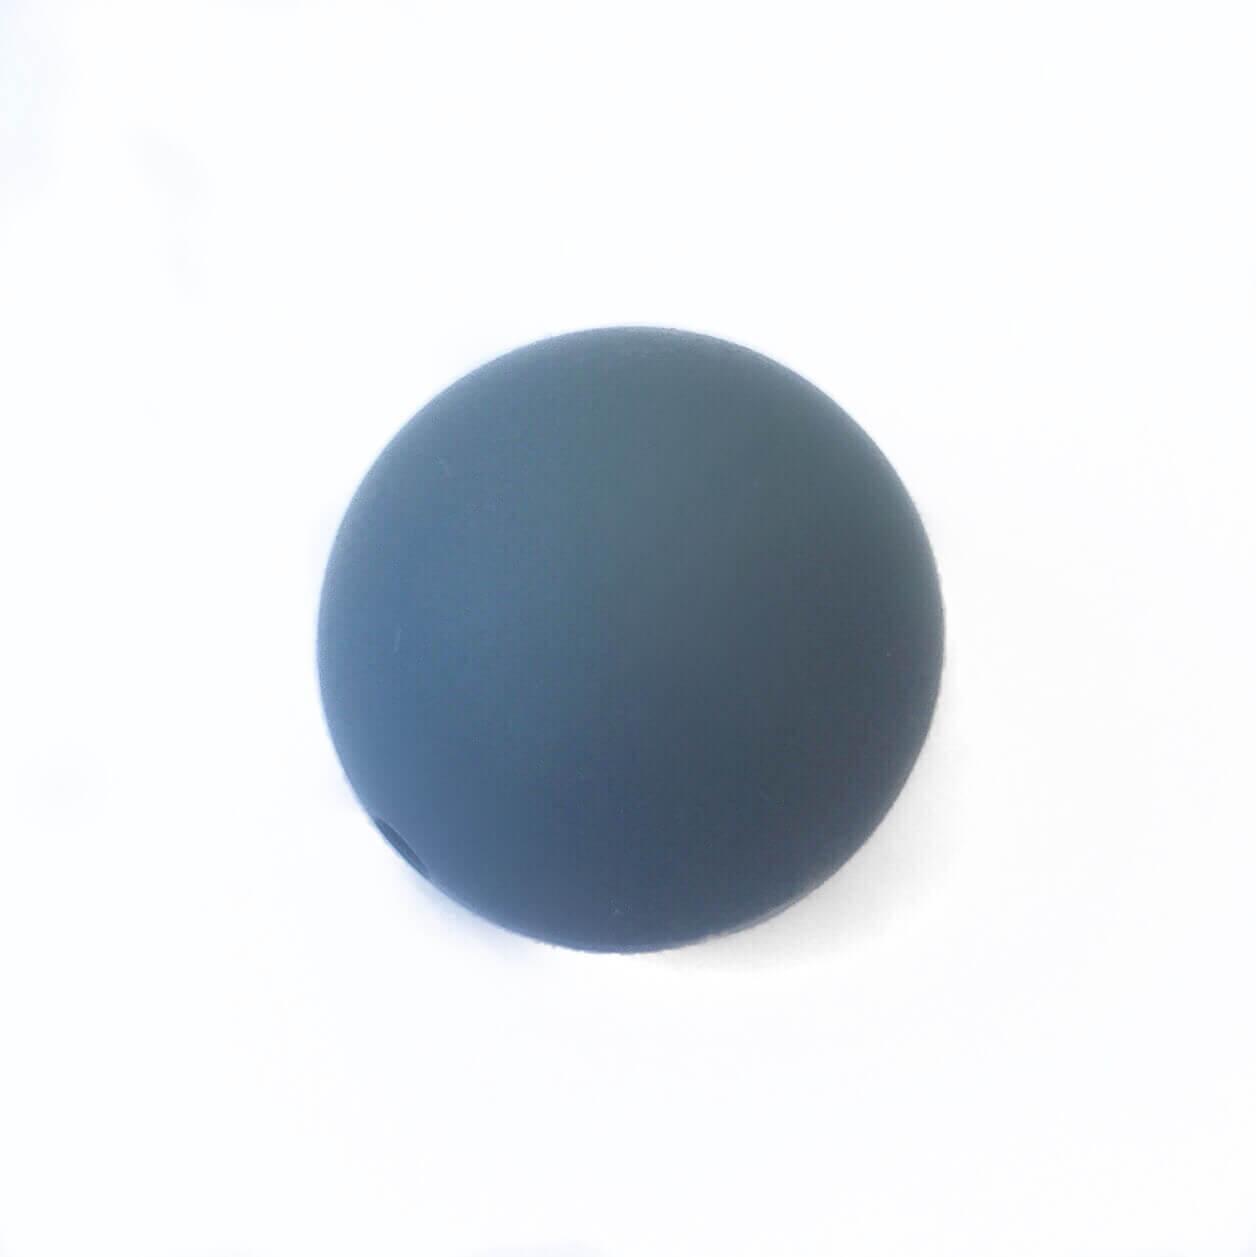 19 мм (темно-серая) круглая